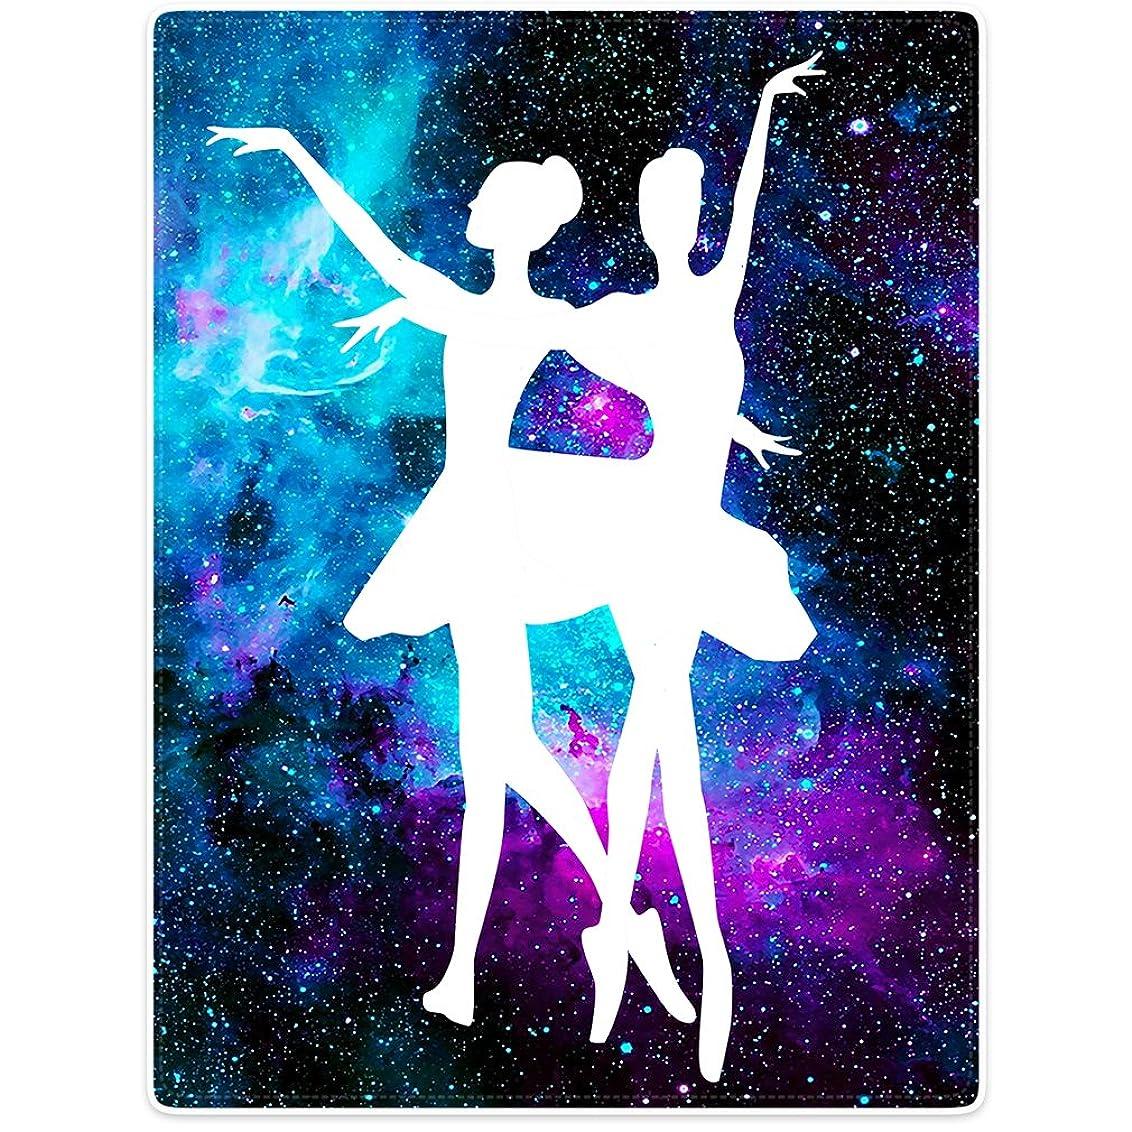 まで味方公毛布ソファベッドスロー軽量Cozy PlushバレエBeautyダンスシルエットパープルGalaxy Nebula 50